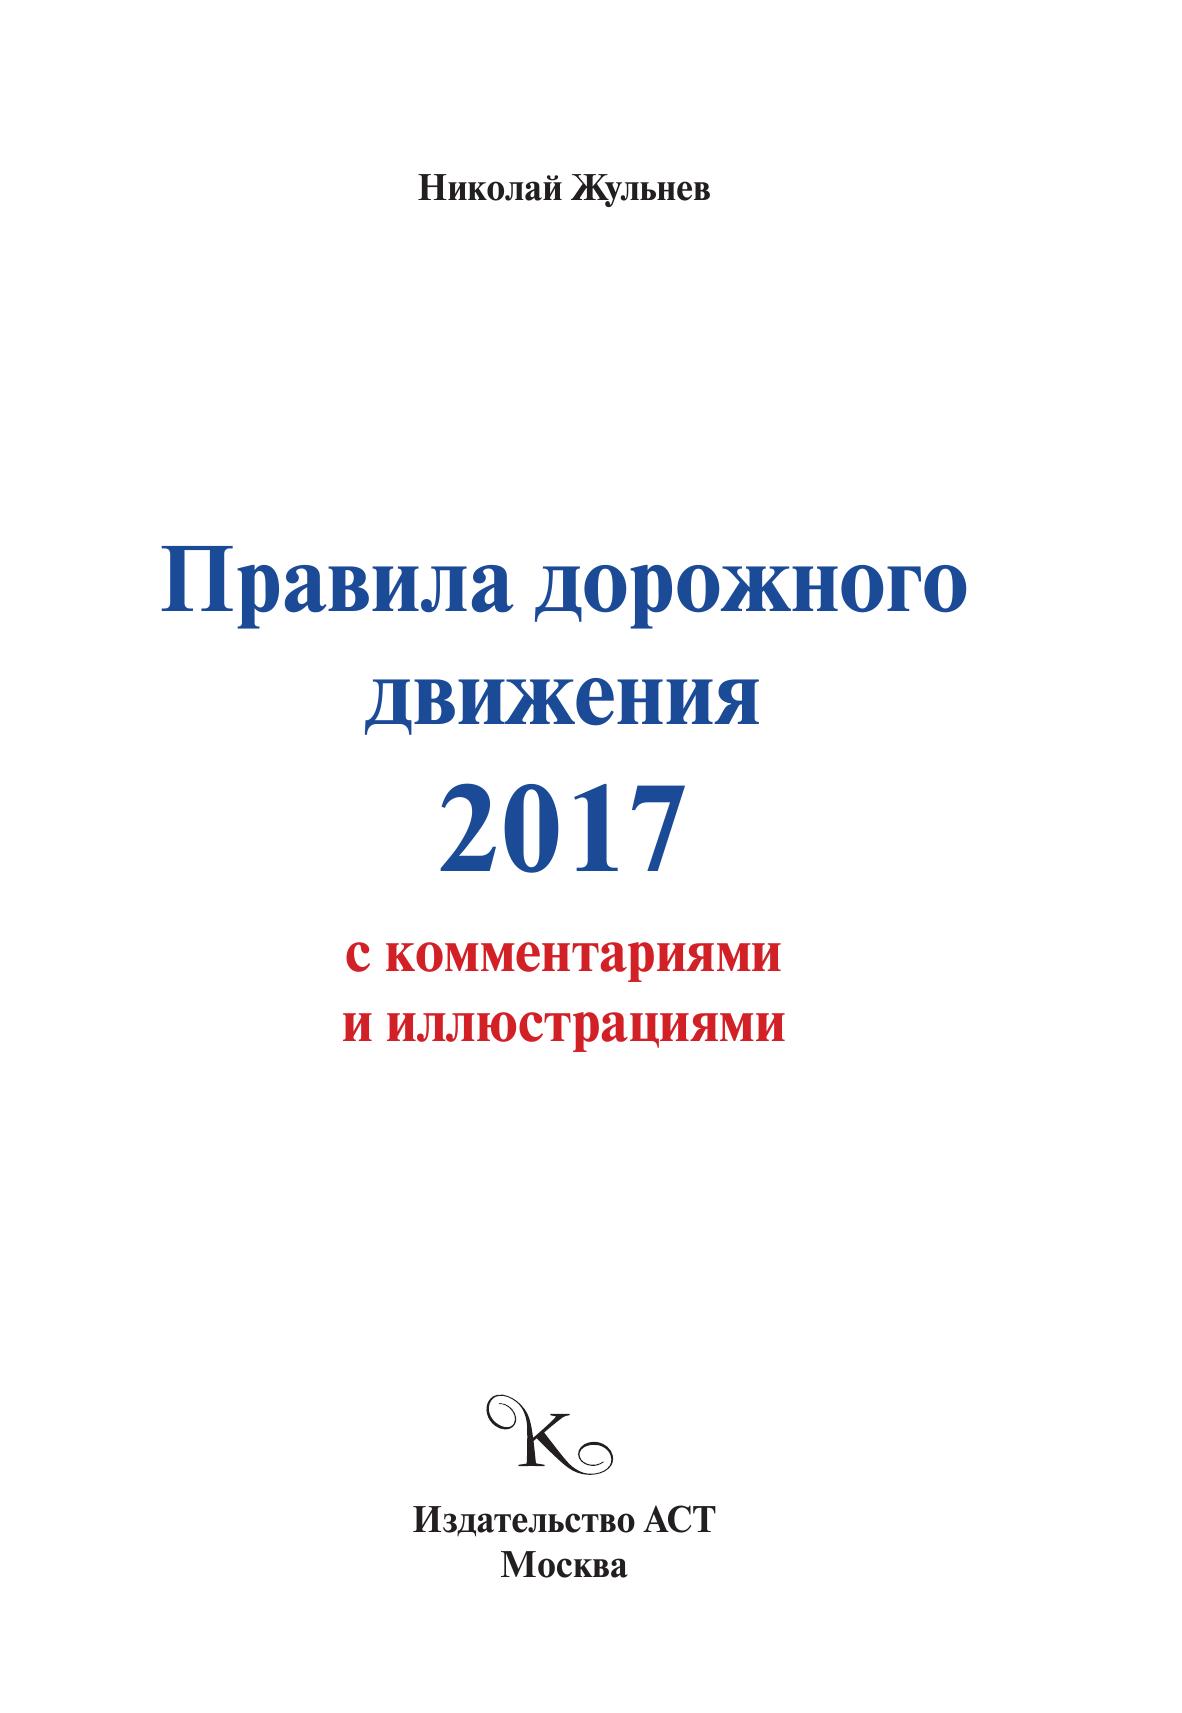 ПРАВИЛА ПДД 2017 С КОММЕНТАРИЯМИ И ИЛЛЮСТРАЦИЯМИ СКАЧАТЬ БЕСПЛАТНО